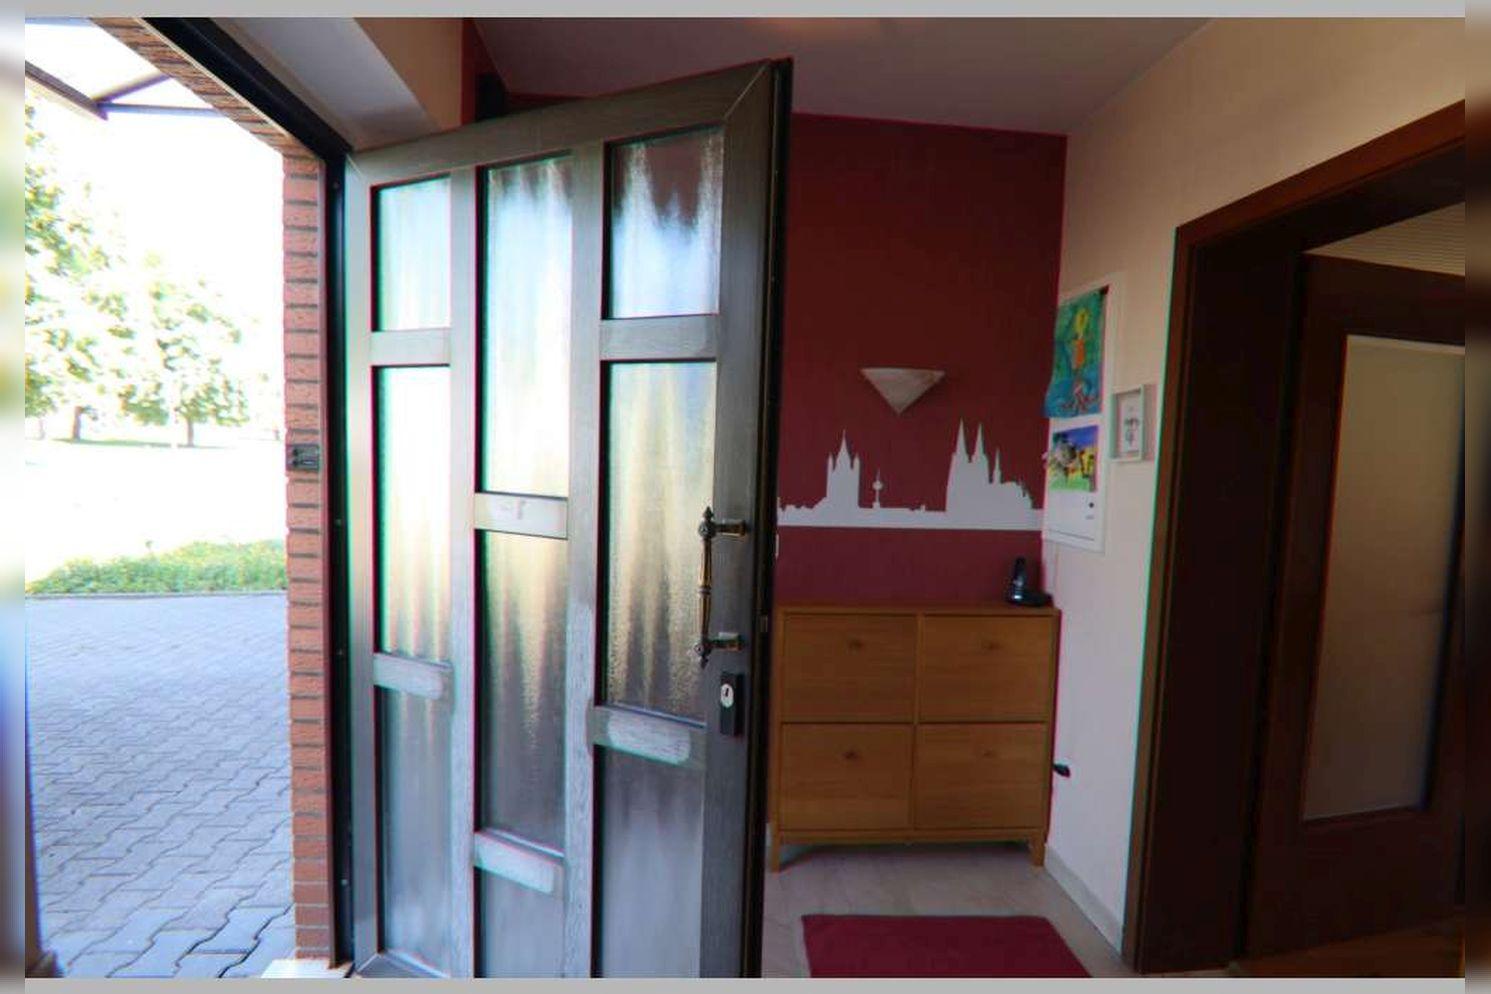 Immobilie Nr.0268 - Reihenmittelhaus mit 4 Zimmern, Küche, Diele, Badezimmer, Gäste-WC, Garten, Garage und Stellplätzen - Bild 9.jpg